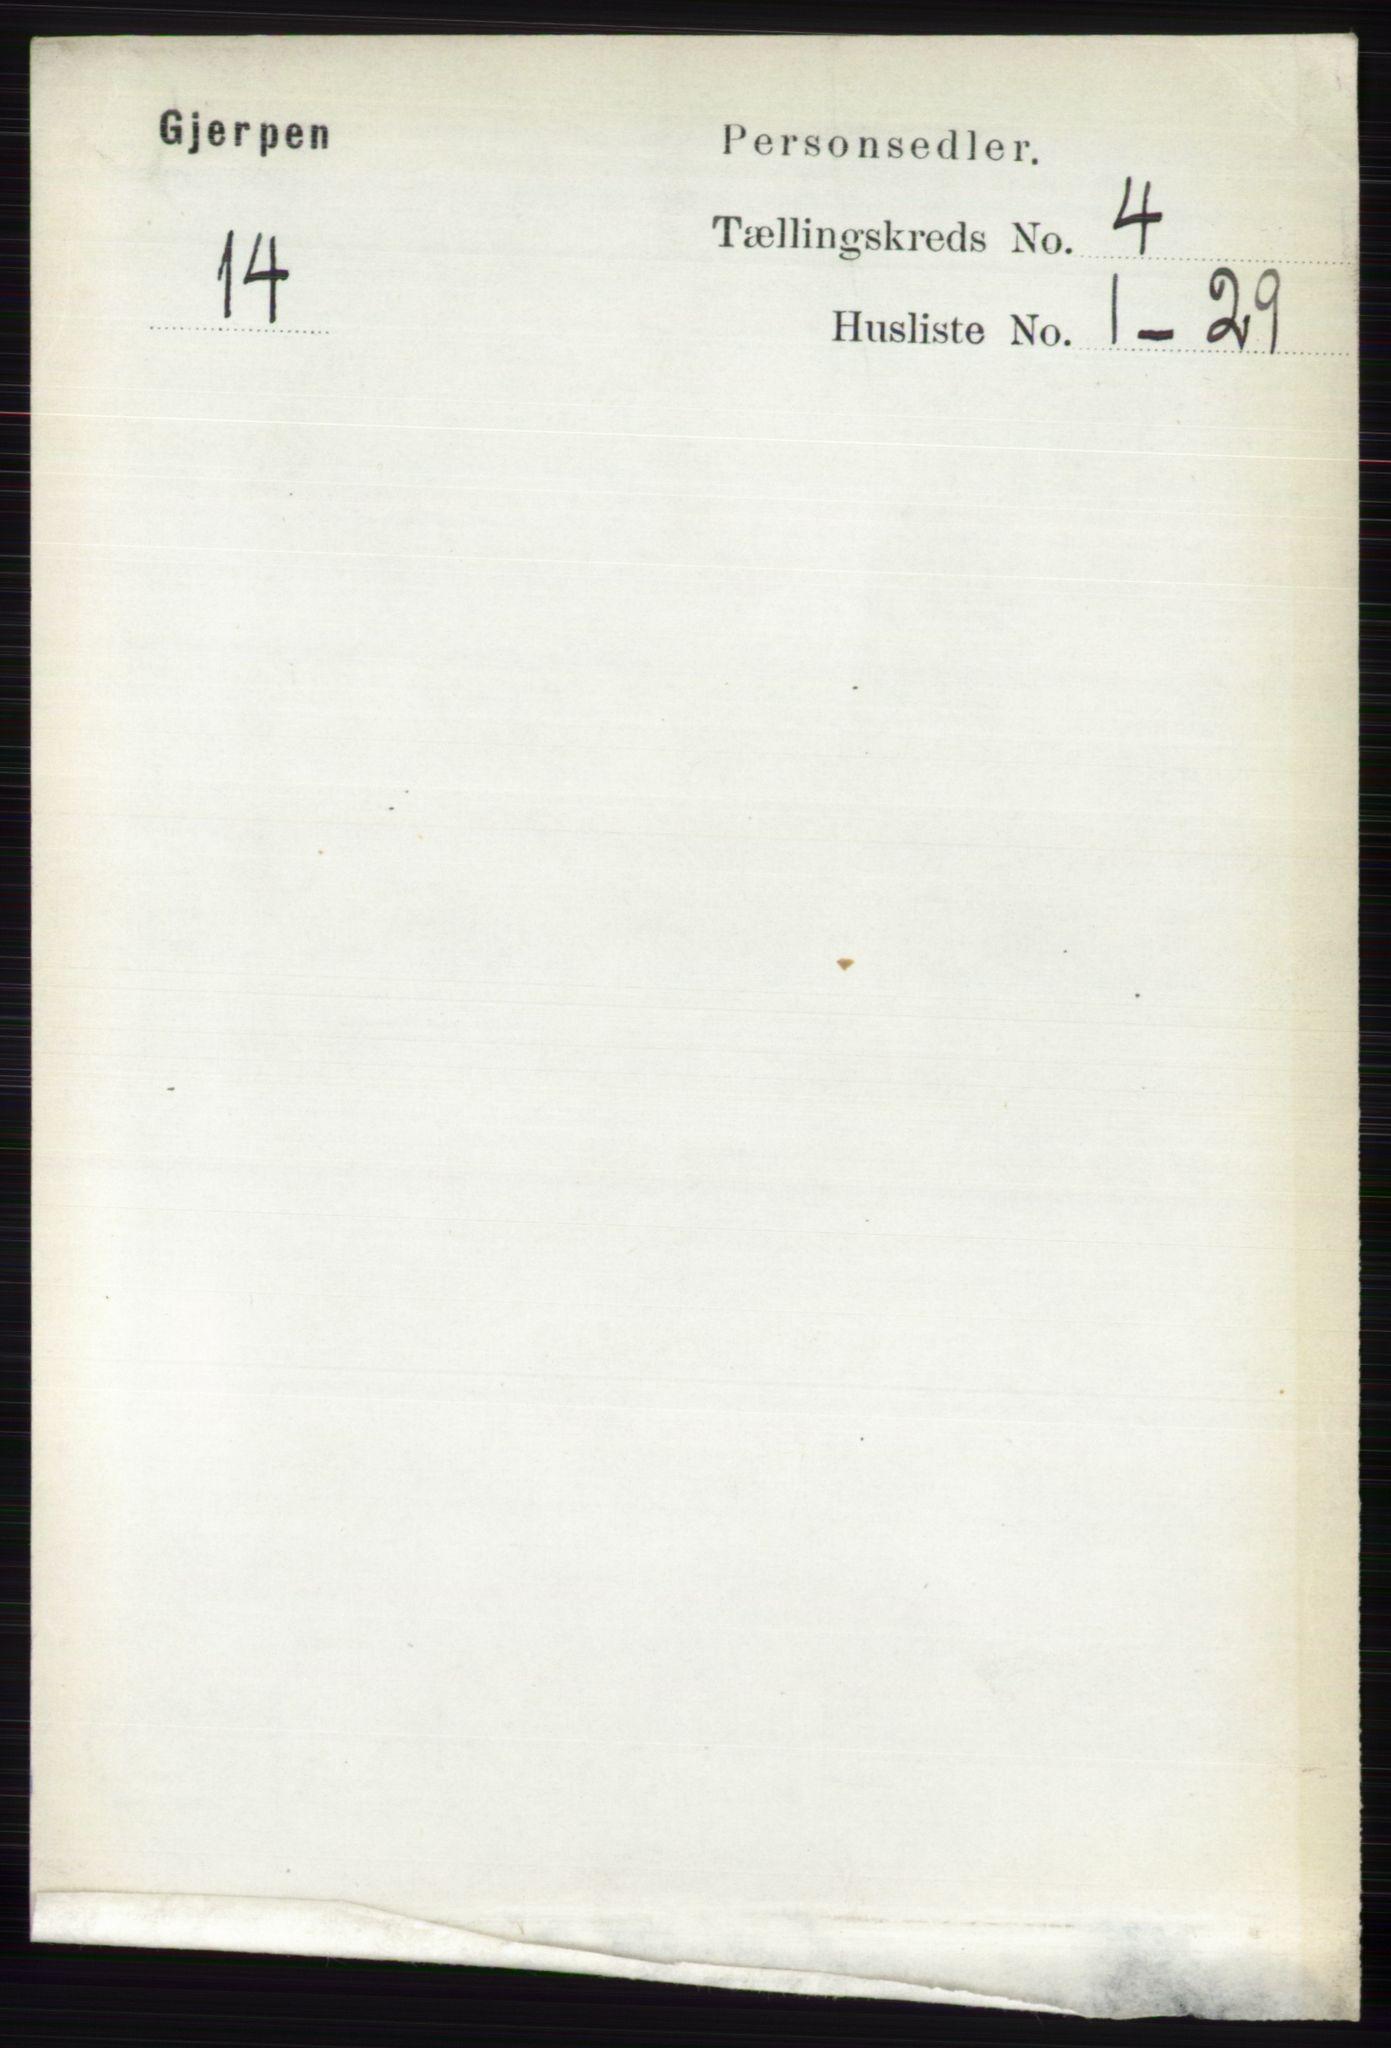 RA, Folketelling 1891 for 0812 Gjerpen herred, 1891, s. 1949